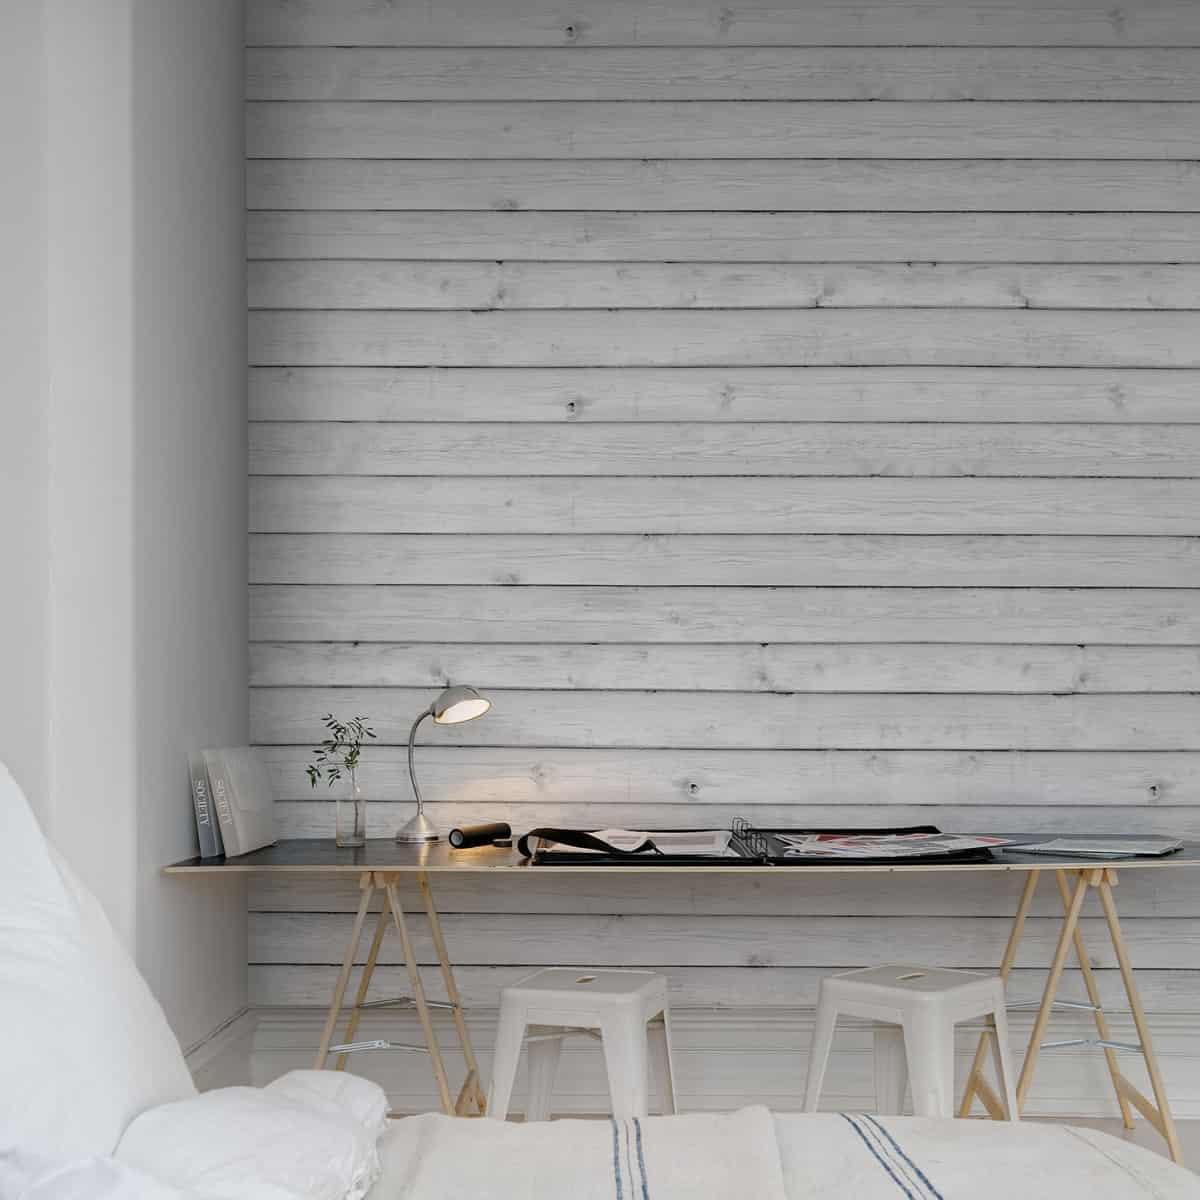 Спальня украшена белыми обоями, которые инициирует окрашенное дерево, с белыми и светлыми элементами декора